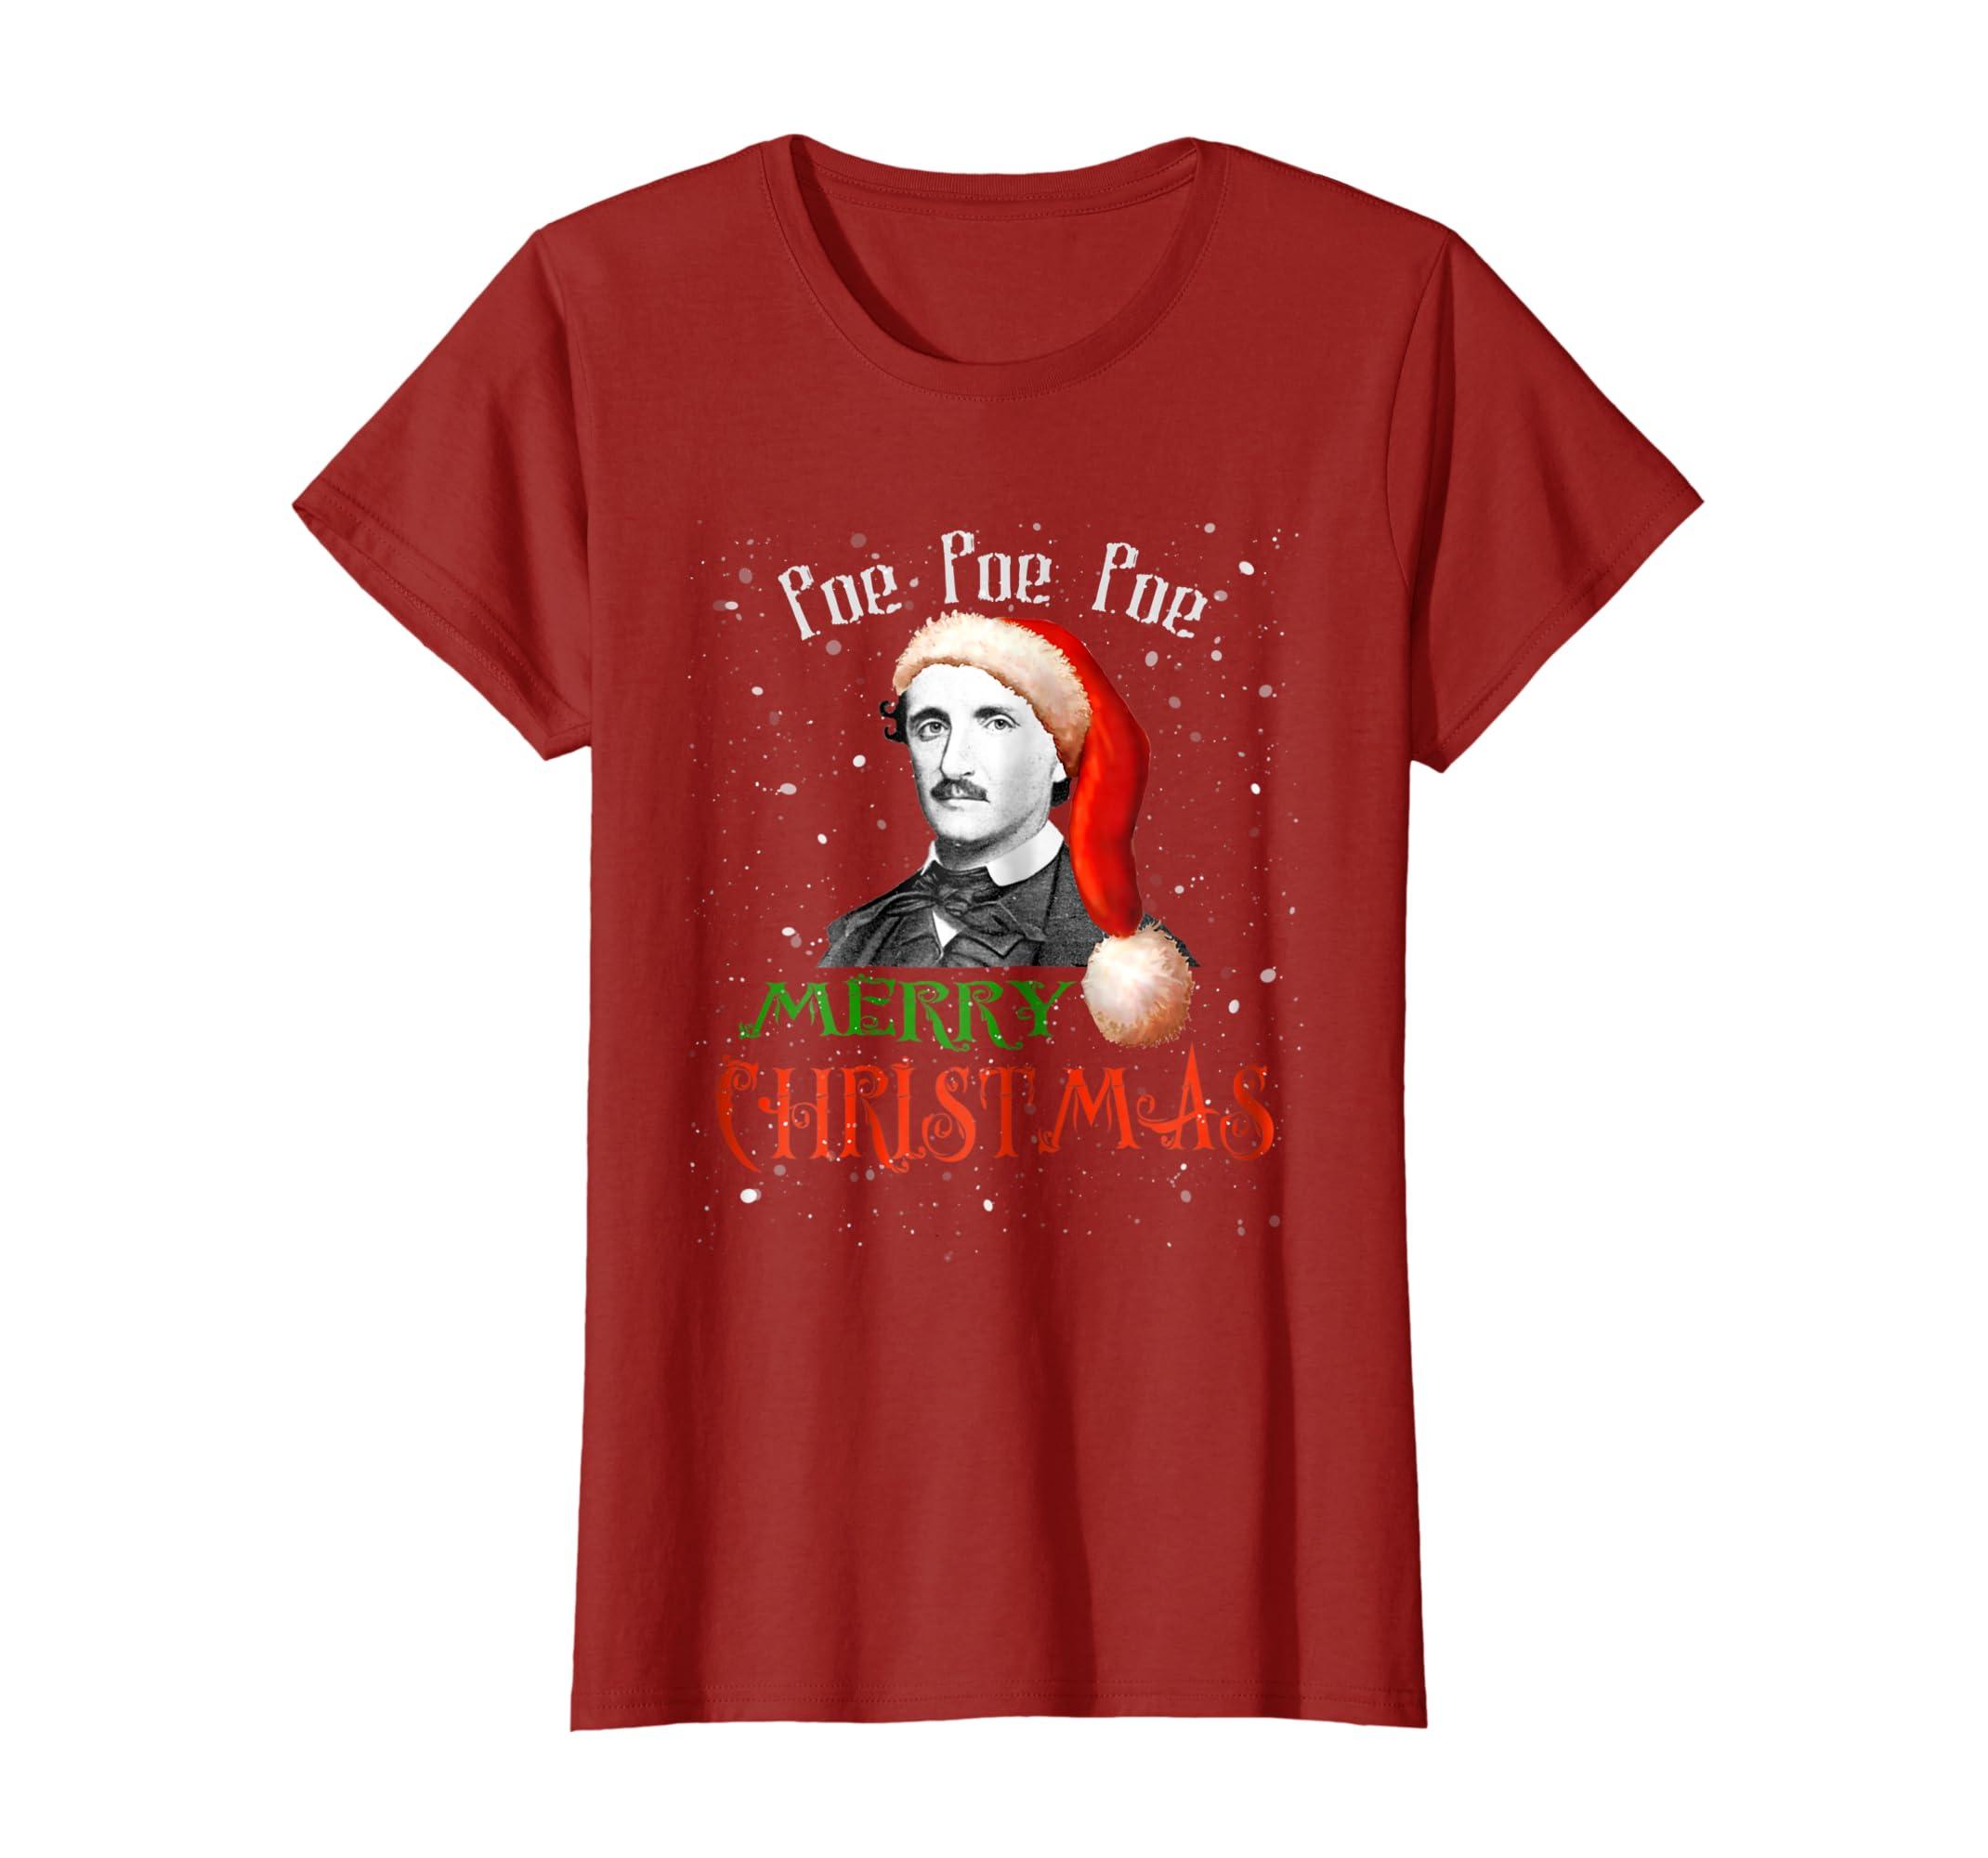 9d04fee8 Amazon.com: Funny Santa Hat Edgar Allan Poe Shirt - Poe Christmas TShirt:  Clothing